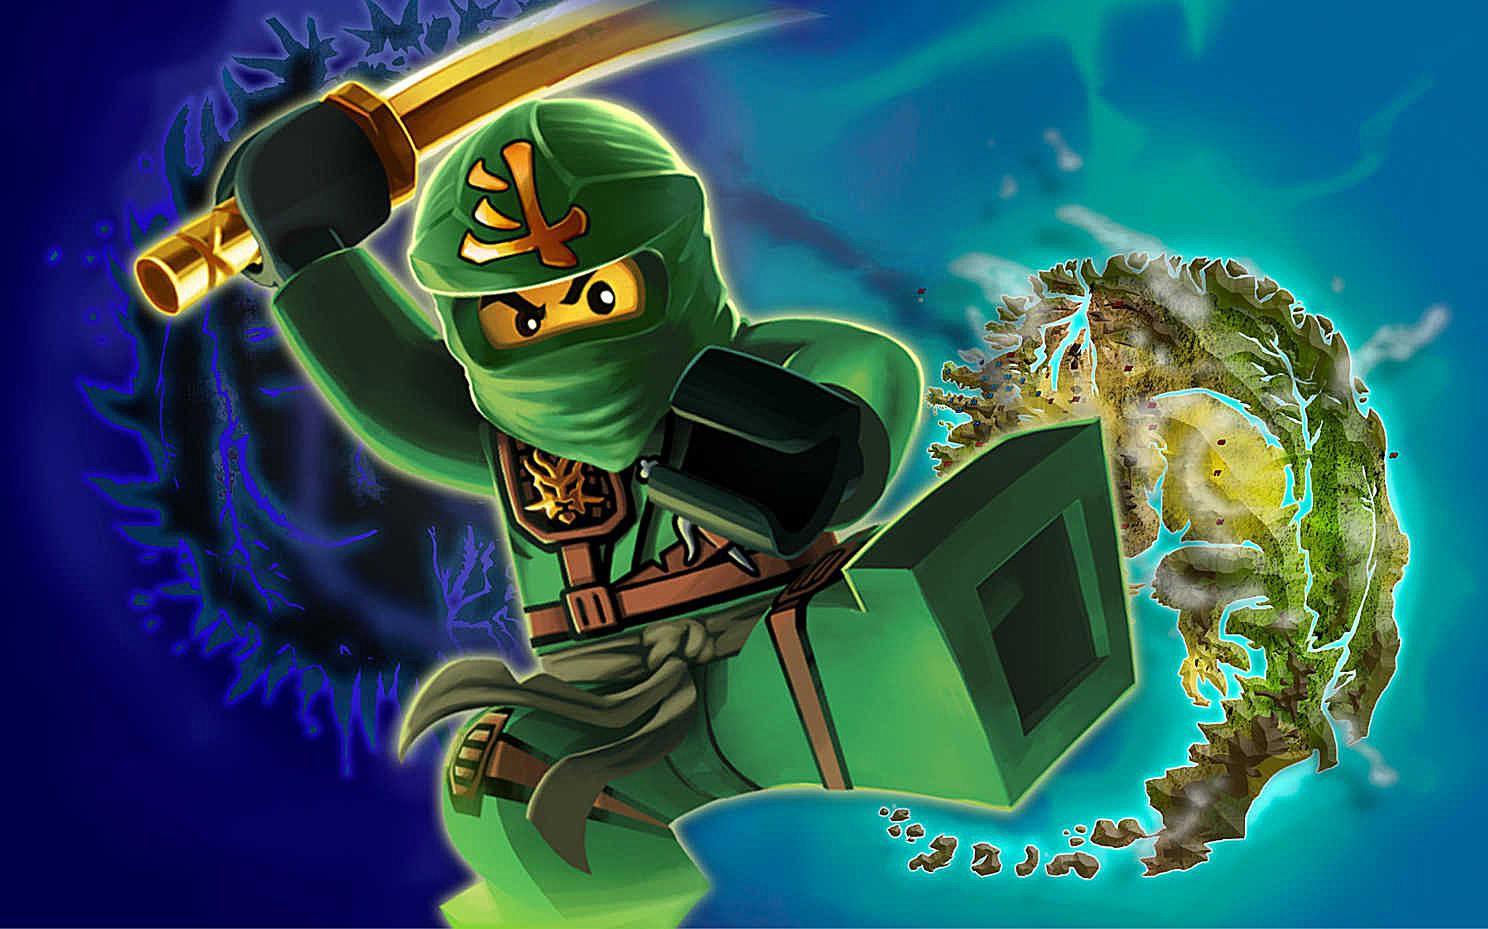 X Blades Gameplay 6 LEGO Ninjago Games T...